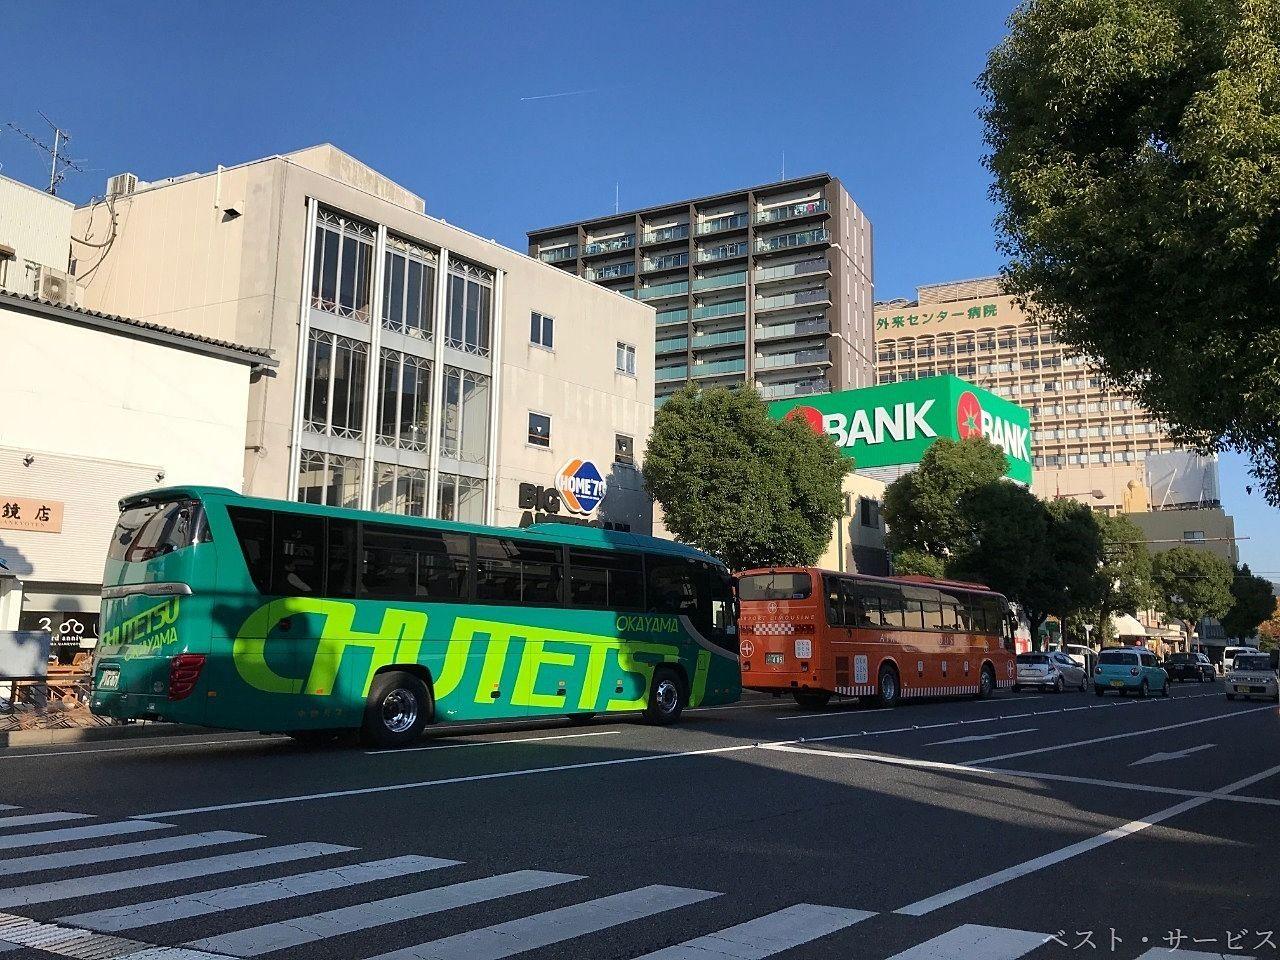 岡山駅から岡山空港まではバスで約30分の乗車